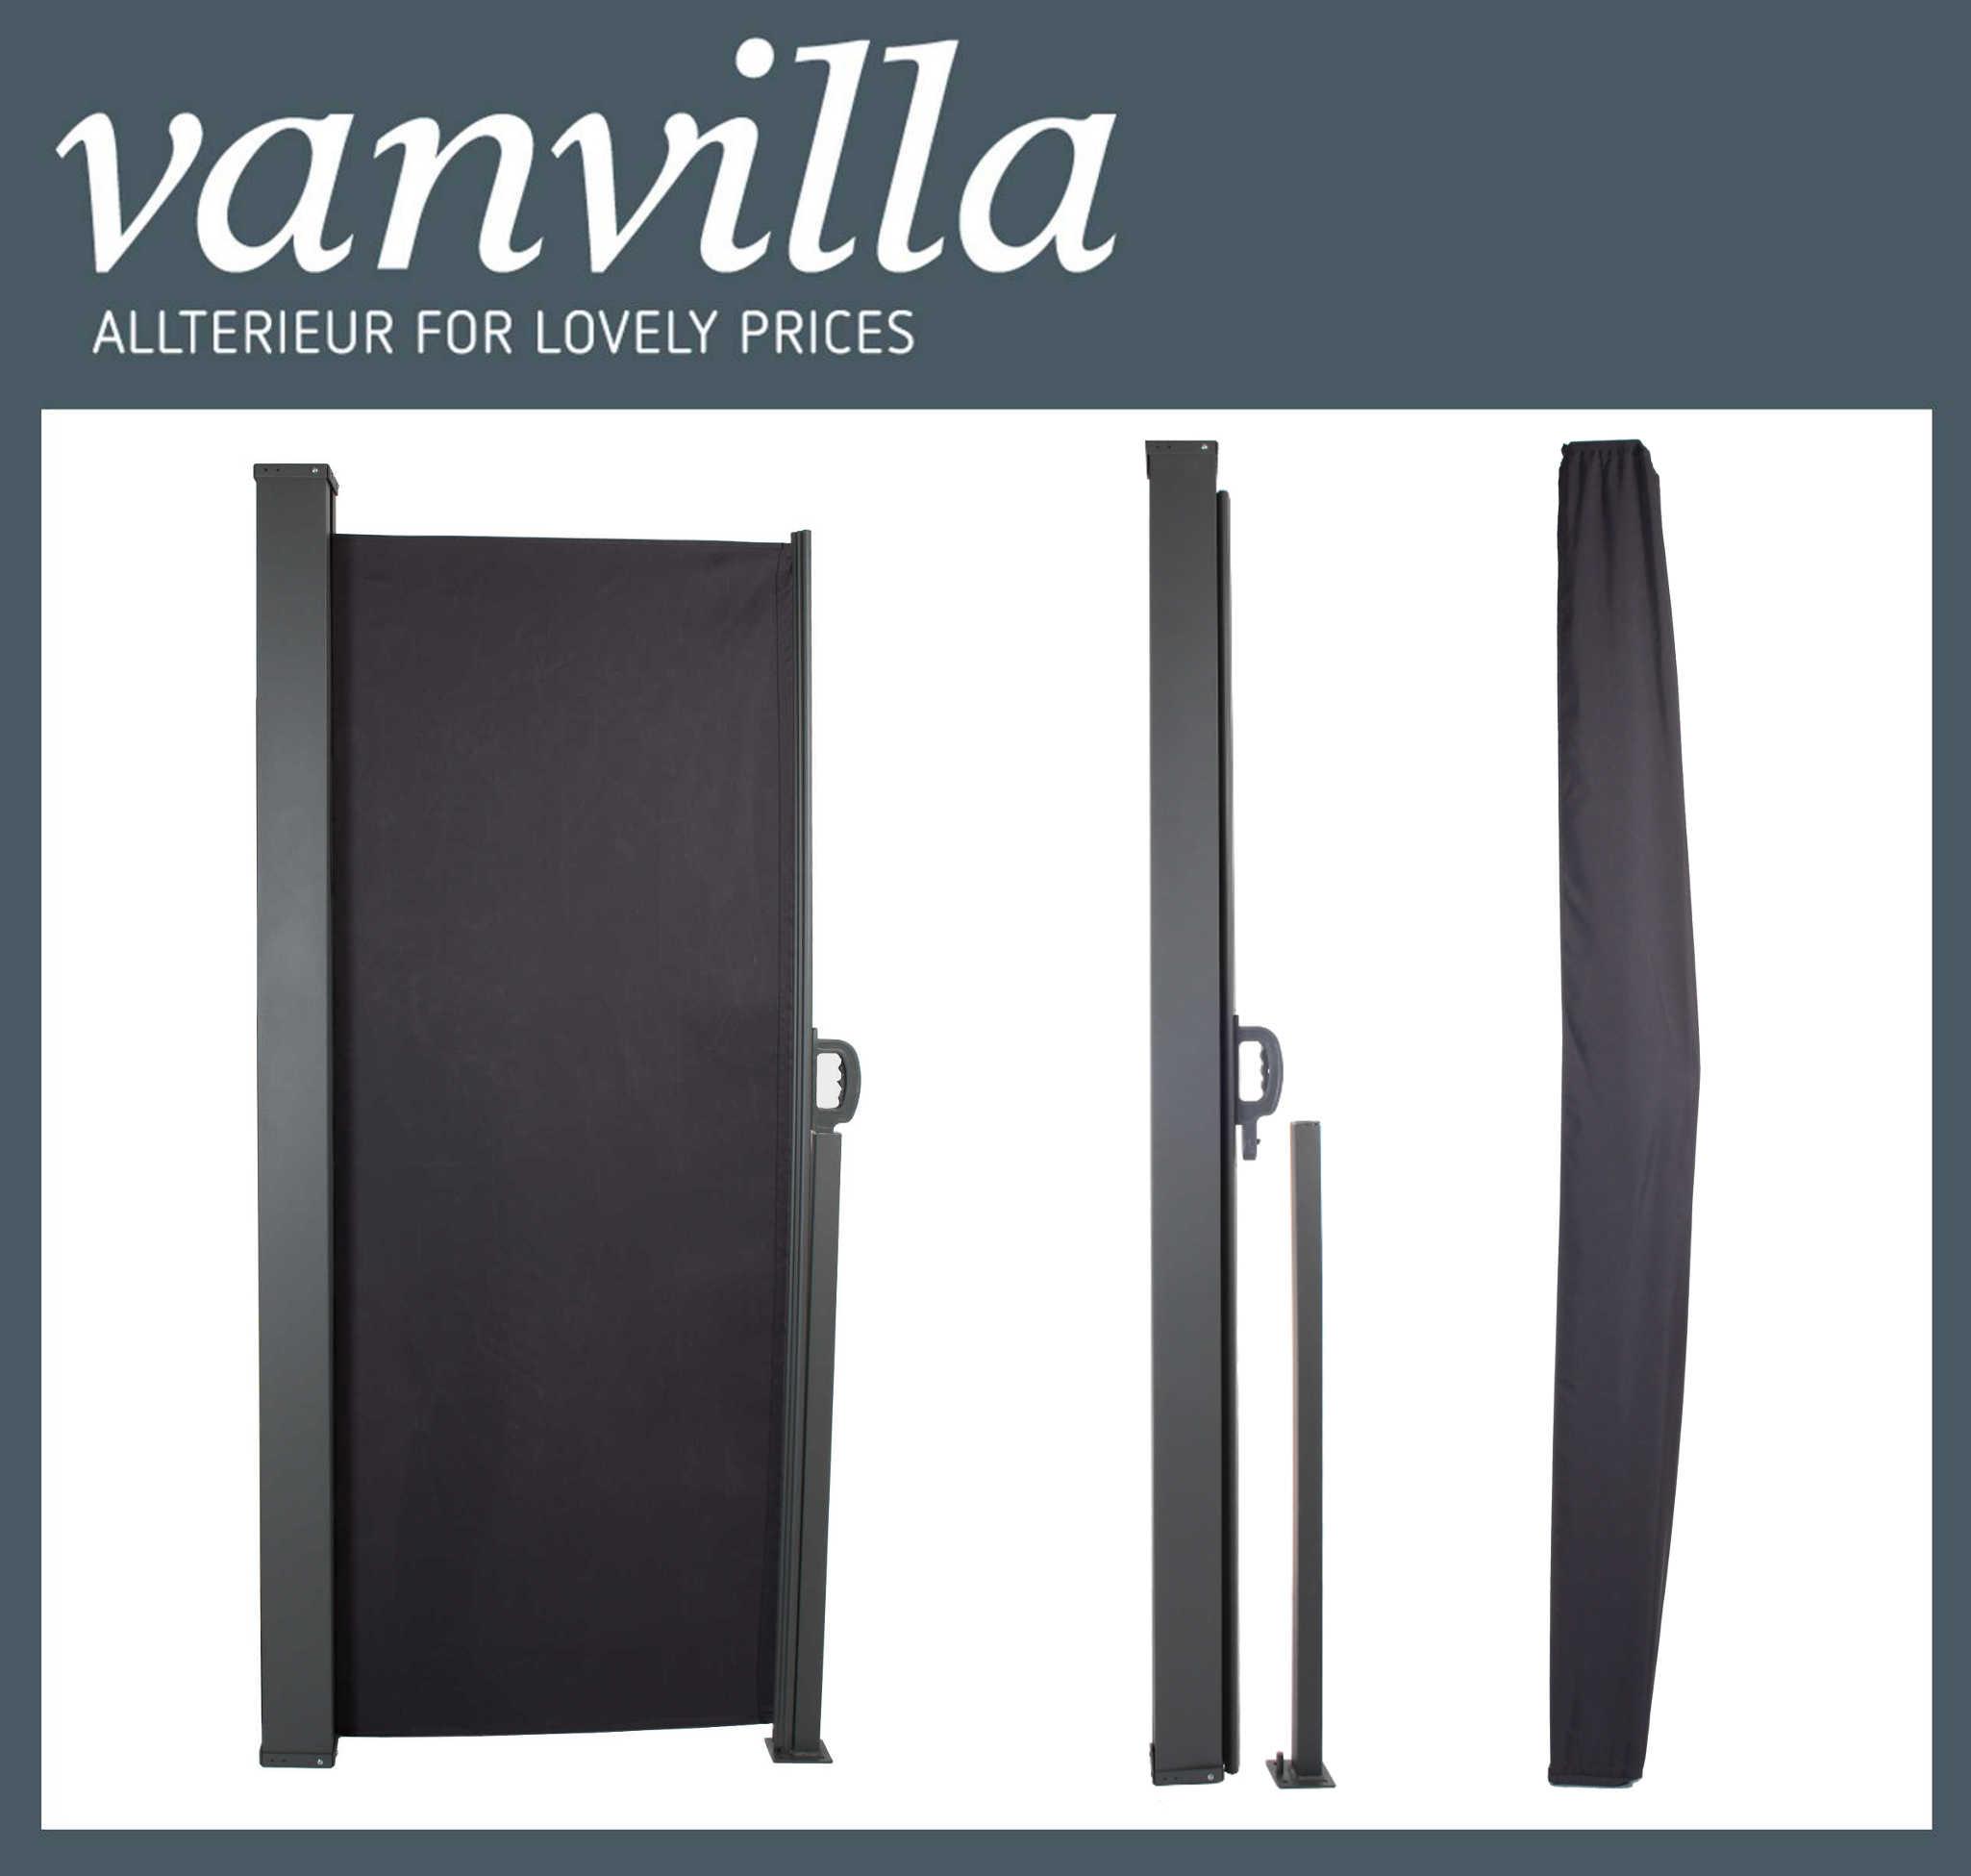 vanvilla Seitenmarkise 180cm x 300cm, Stahlkassette Anthrazit inkl. Regenschutz